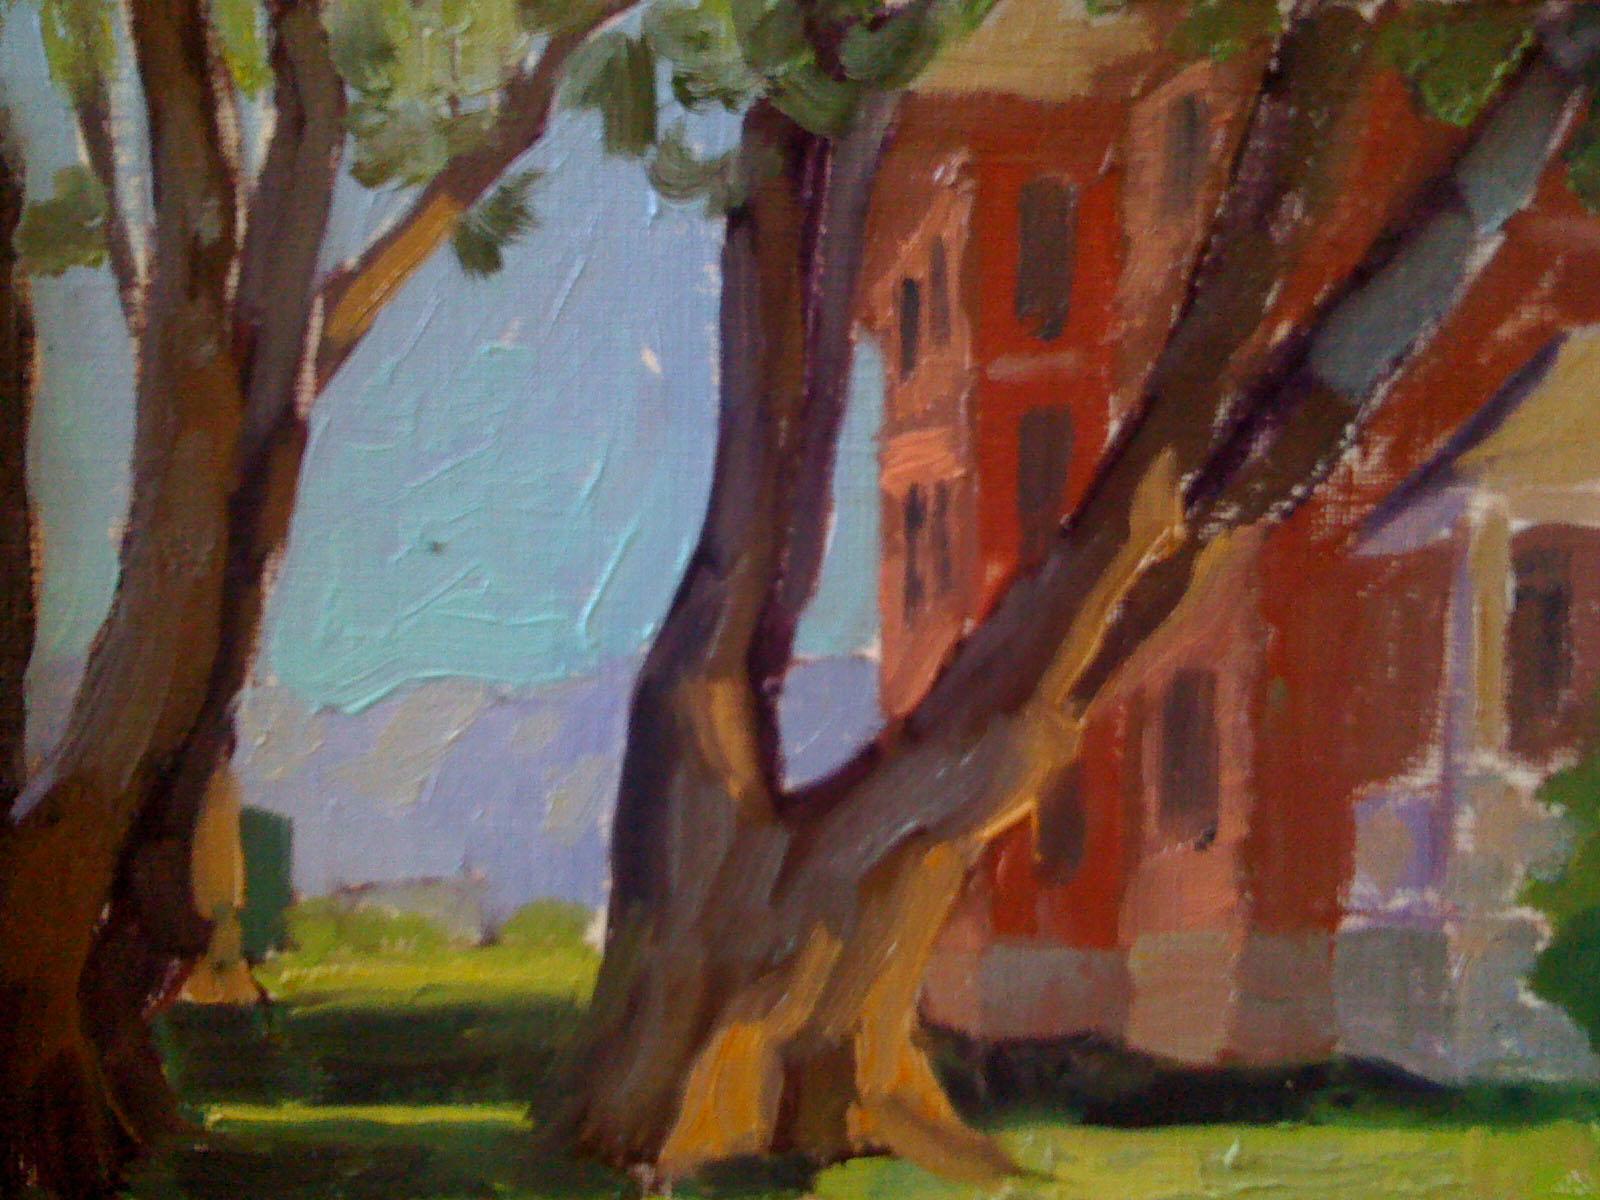 Willow Springs Inn by  Melissa Hefferlin - Masterpiece Online